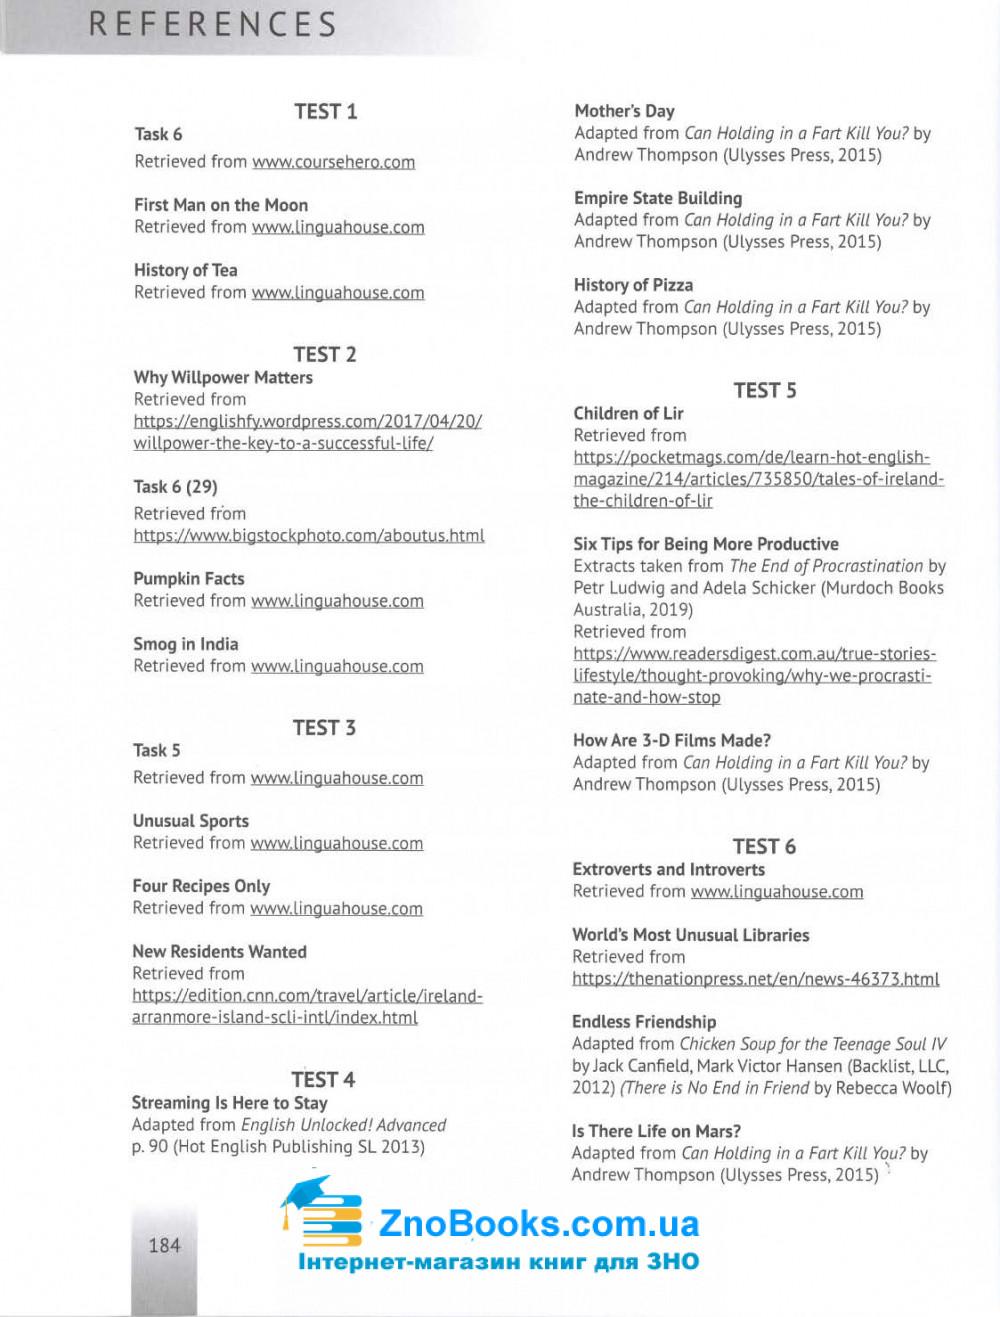 Англійська мова ЗНО 2021. Типові тестові завдання з аудіосупроводом. Тимчак О. Лібра Терра. 11